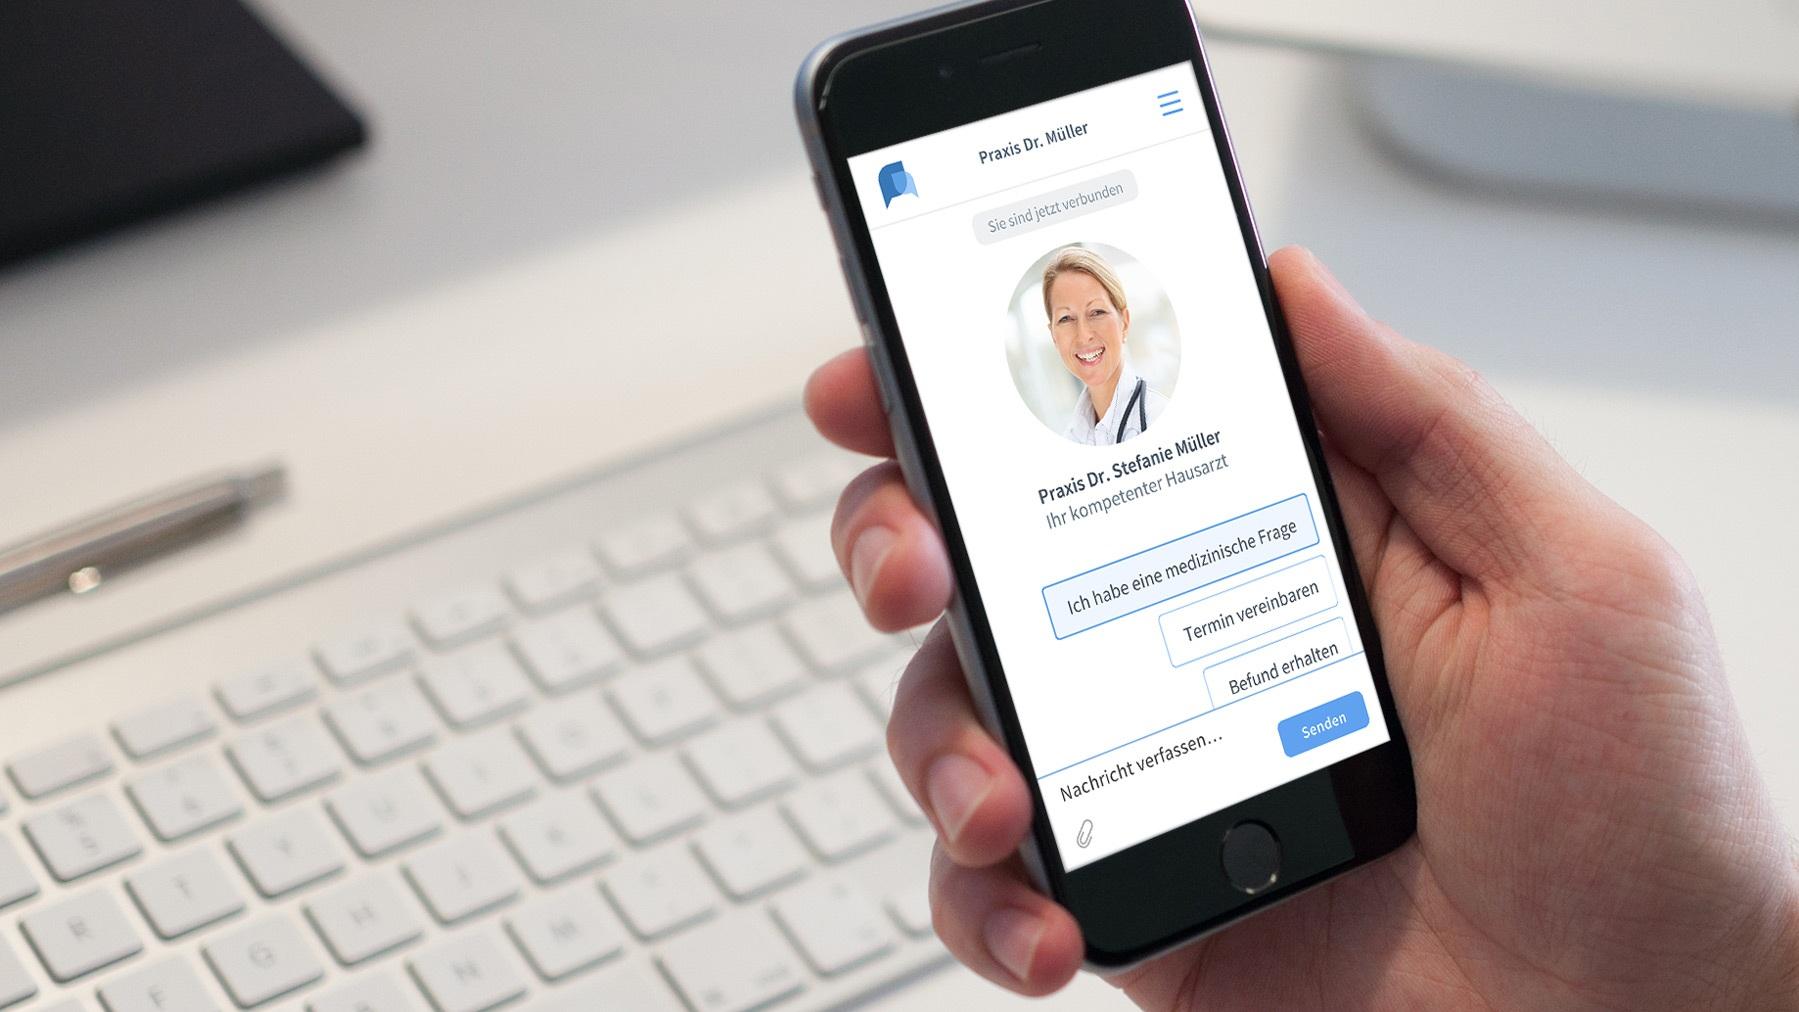 """""""Digitalisierung muss Ärzten einen konkreten Nutzen bringen"""" - Wie der medflex-Messenger aus der Sicht eines Arztes funktioniert und welchen Mehrwert er bietet, erfahren Sie auf coliquio.de.Welche Anwendung hat sich in der Praxis bewährt?"""